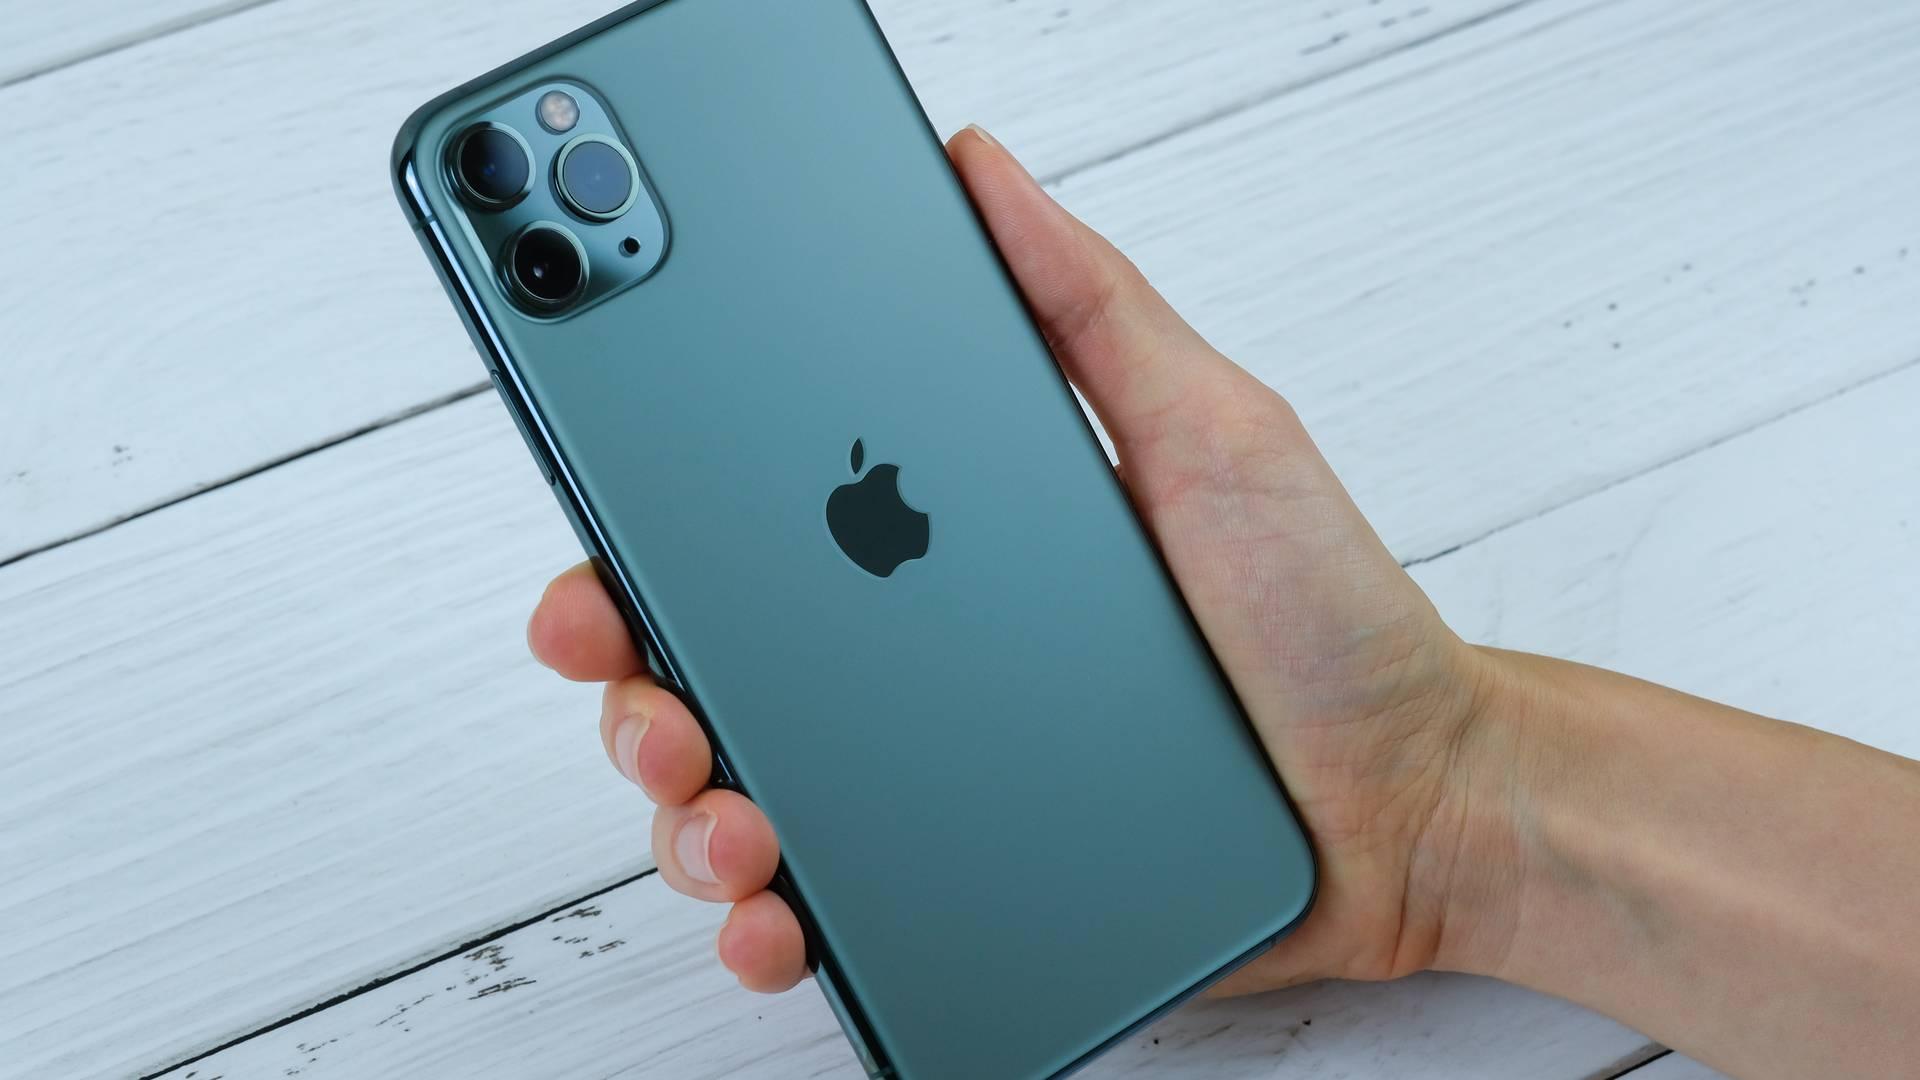 Foto de uma mão segurando o iPhone 11 Pro Max